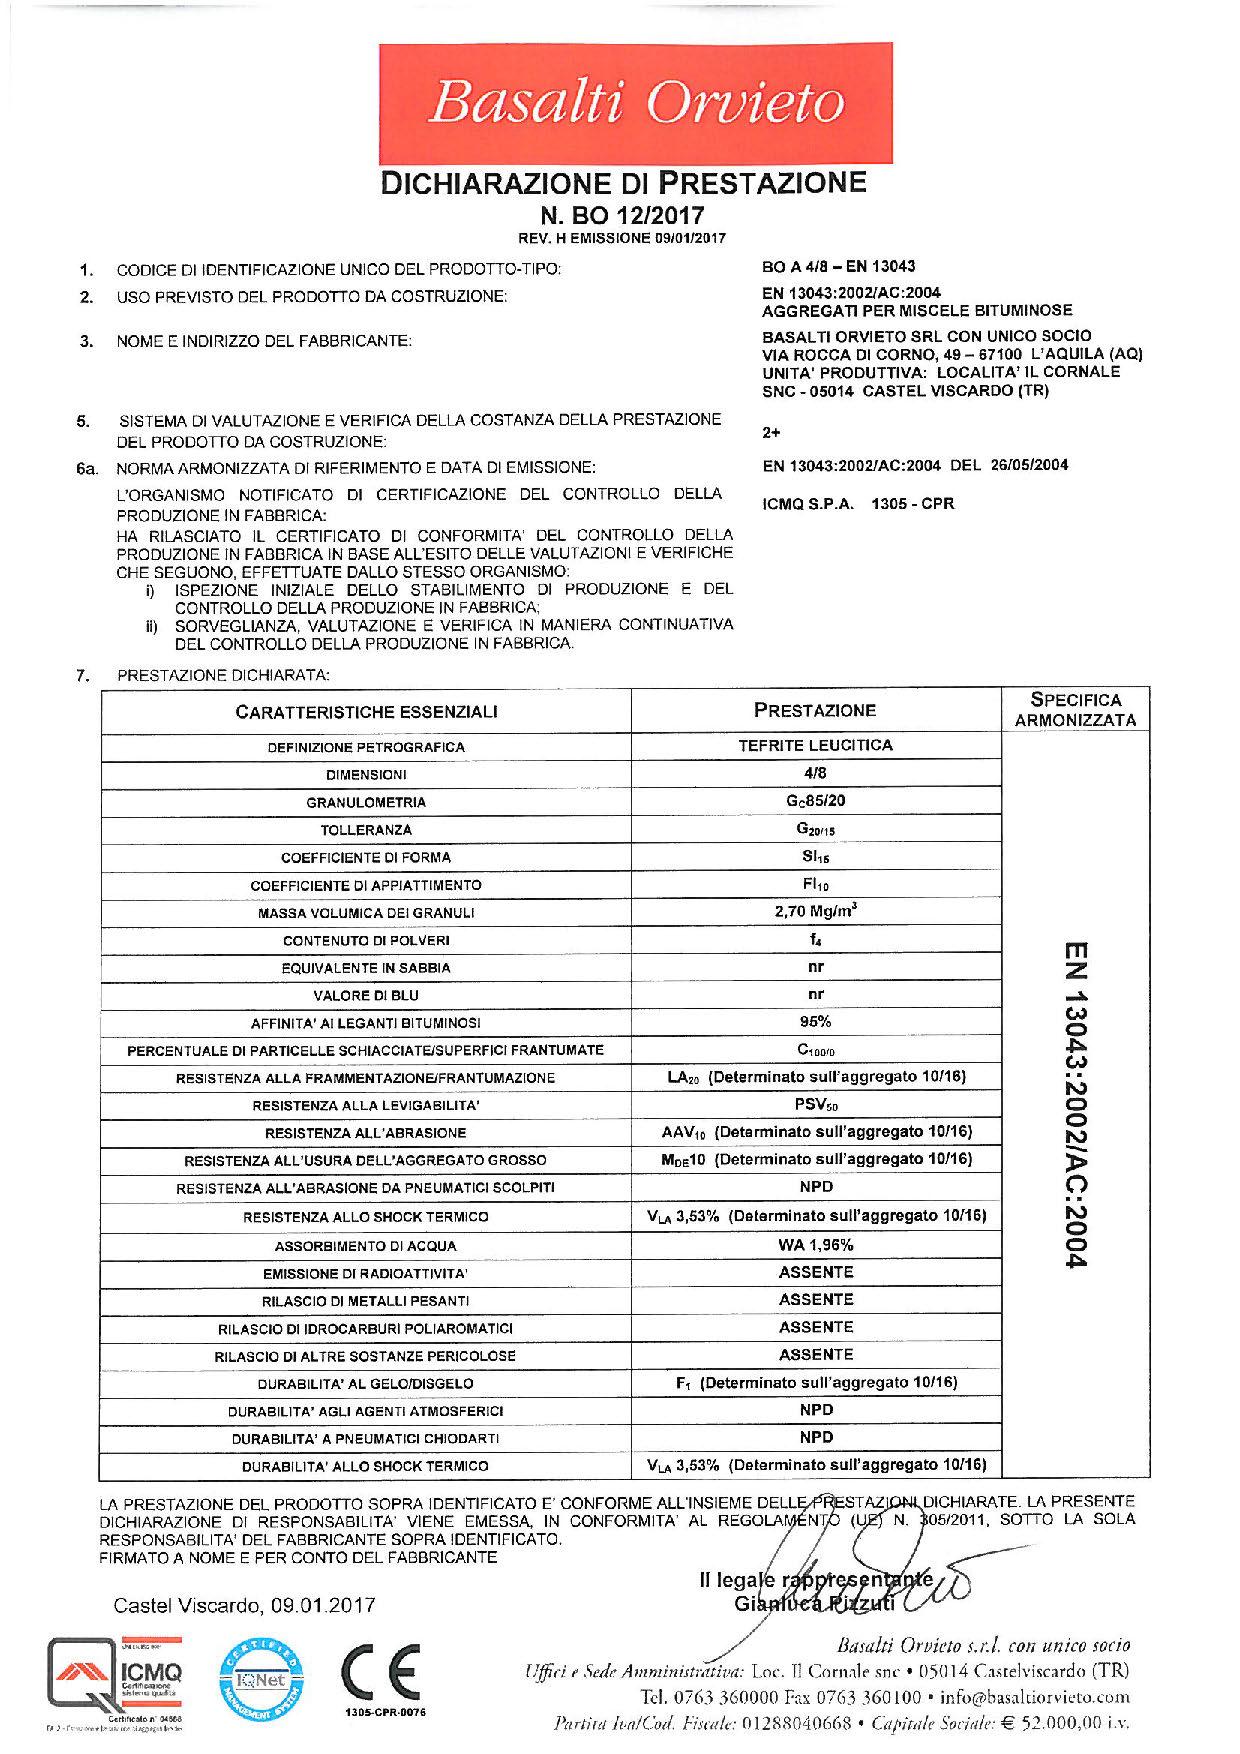 Asfalto_DoP 4-8 - EN 13043